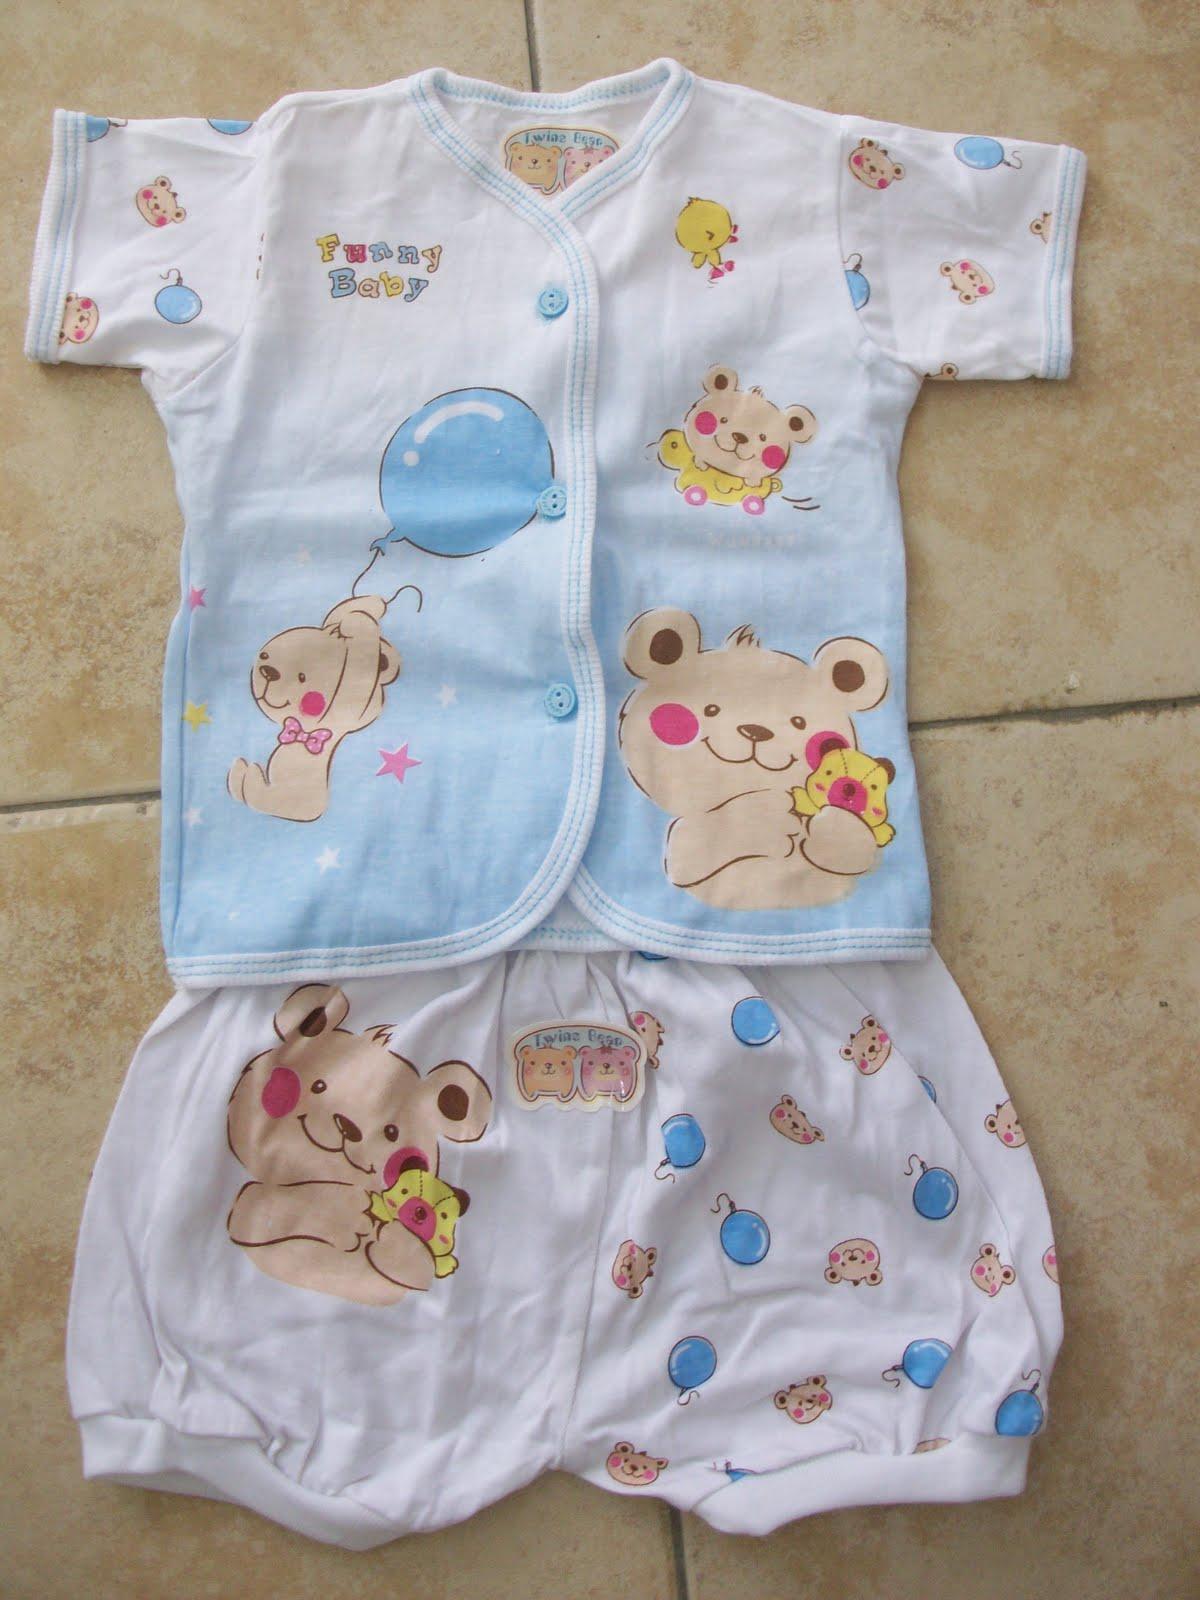 Baju Bayi Murahgurita Dll Harga Super Murah Grosir Celana Panjang Katun S 20s Funny Baby